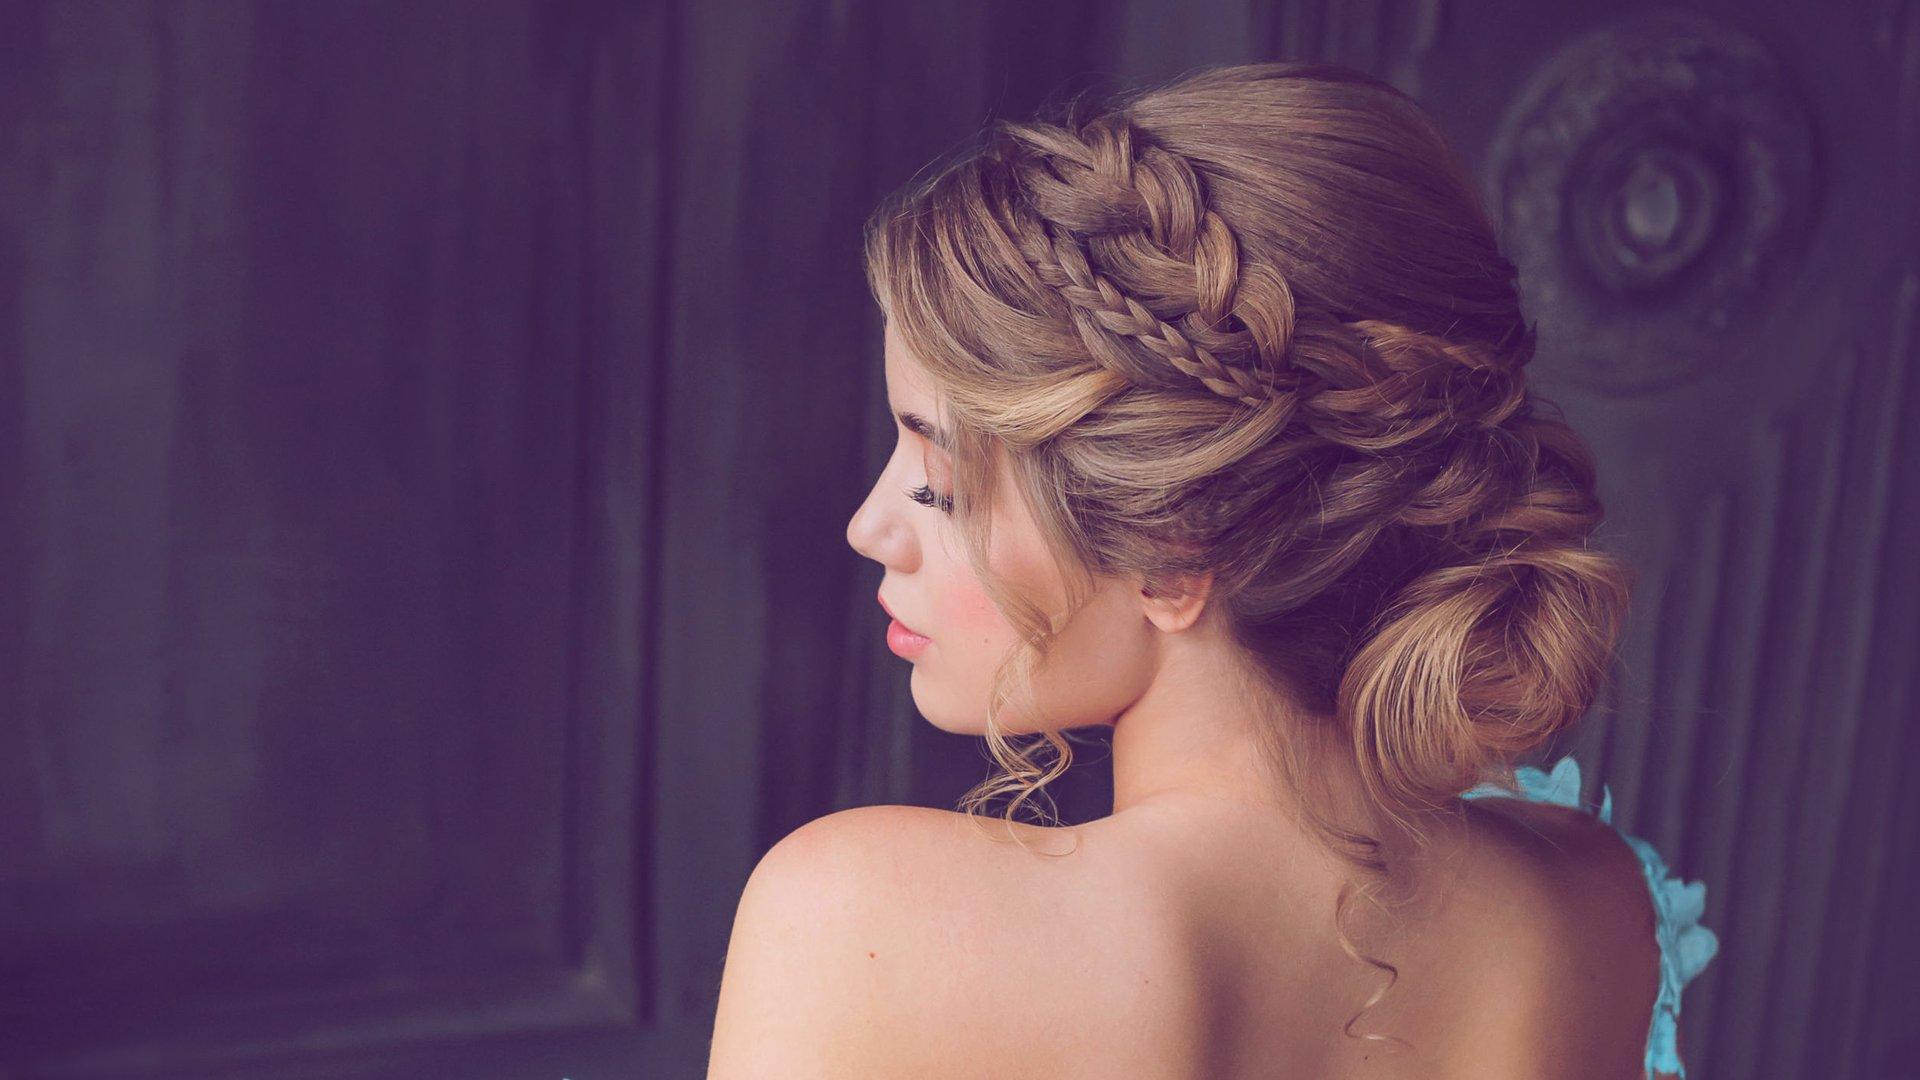 Offen lange haare frisuren anleitung hochzeit Fantastisch Frisuren